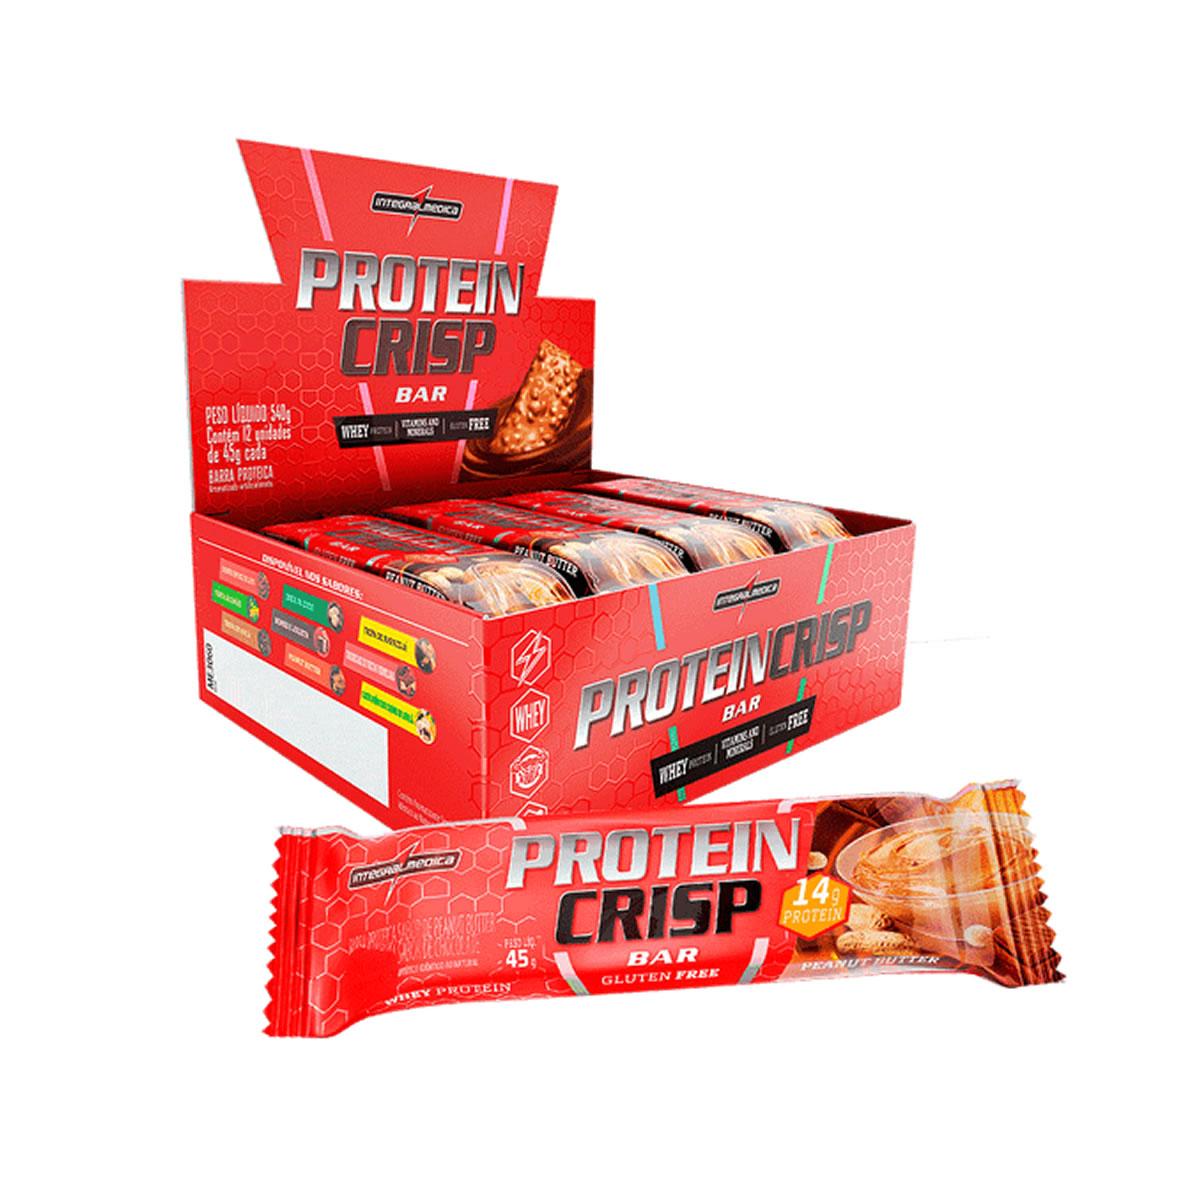 Barra de Proteína CrispBar Sabor Peanut Butter Display 12un de 45g - IntegralMedica